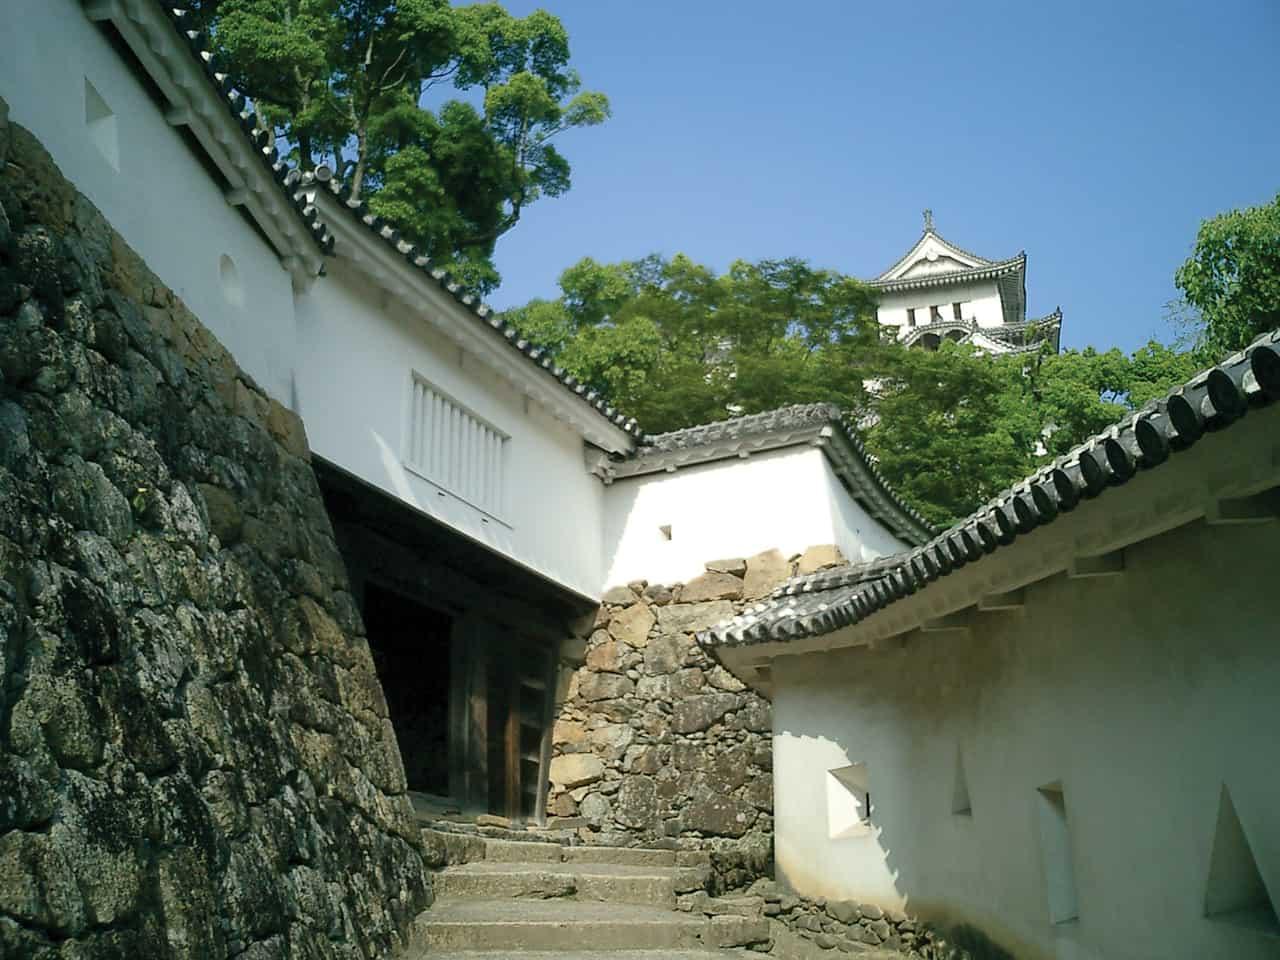 รอบๆ ปราสาทฮิเมจิ (Himeji Castle) เมือง ฮิเมจิ ใกล้กับ อากาชิ และ โกเบ